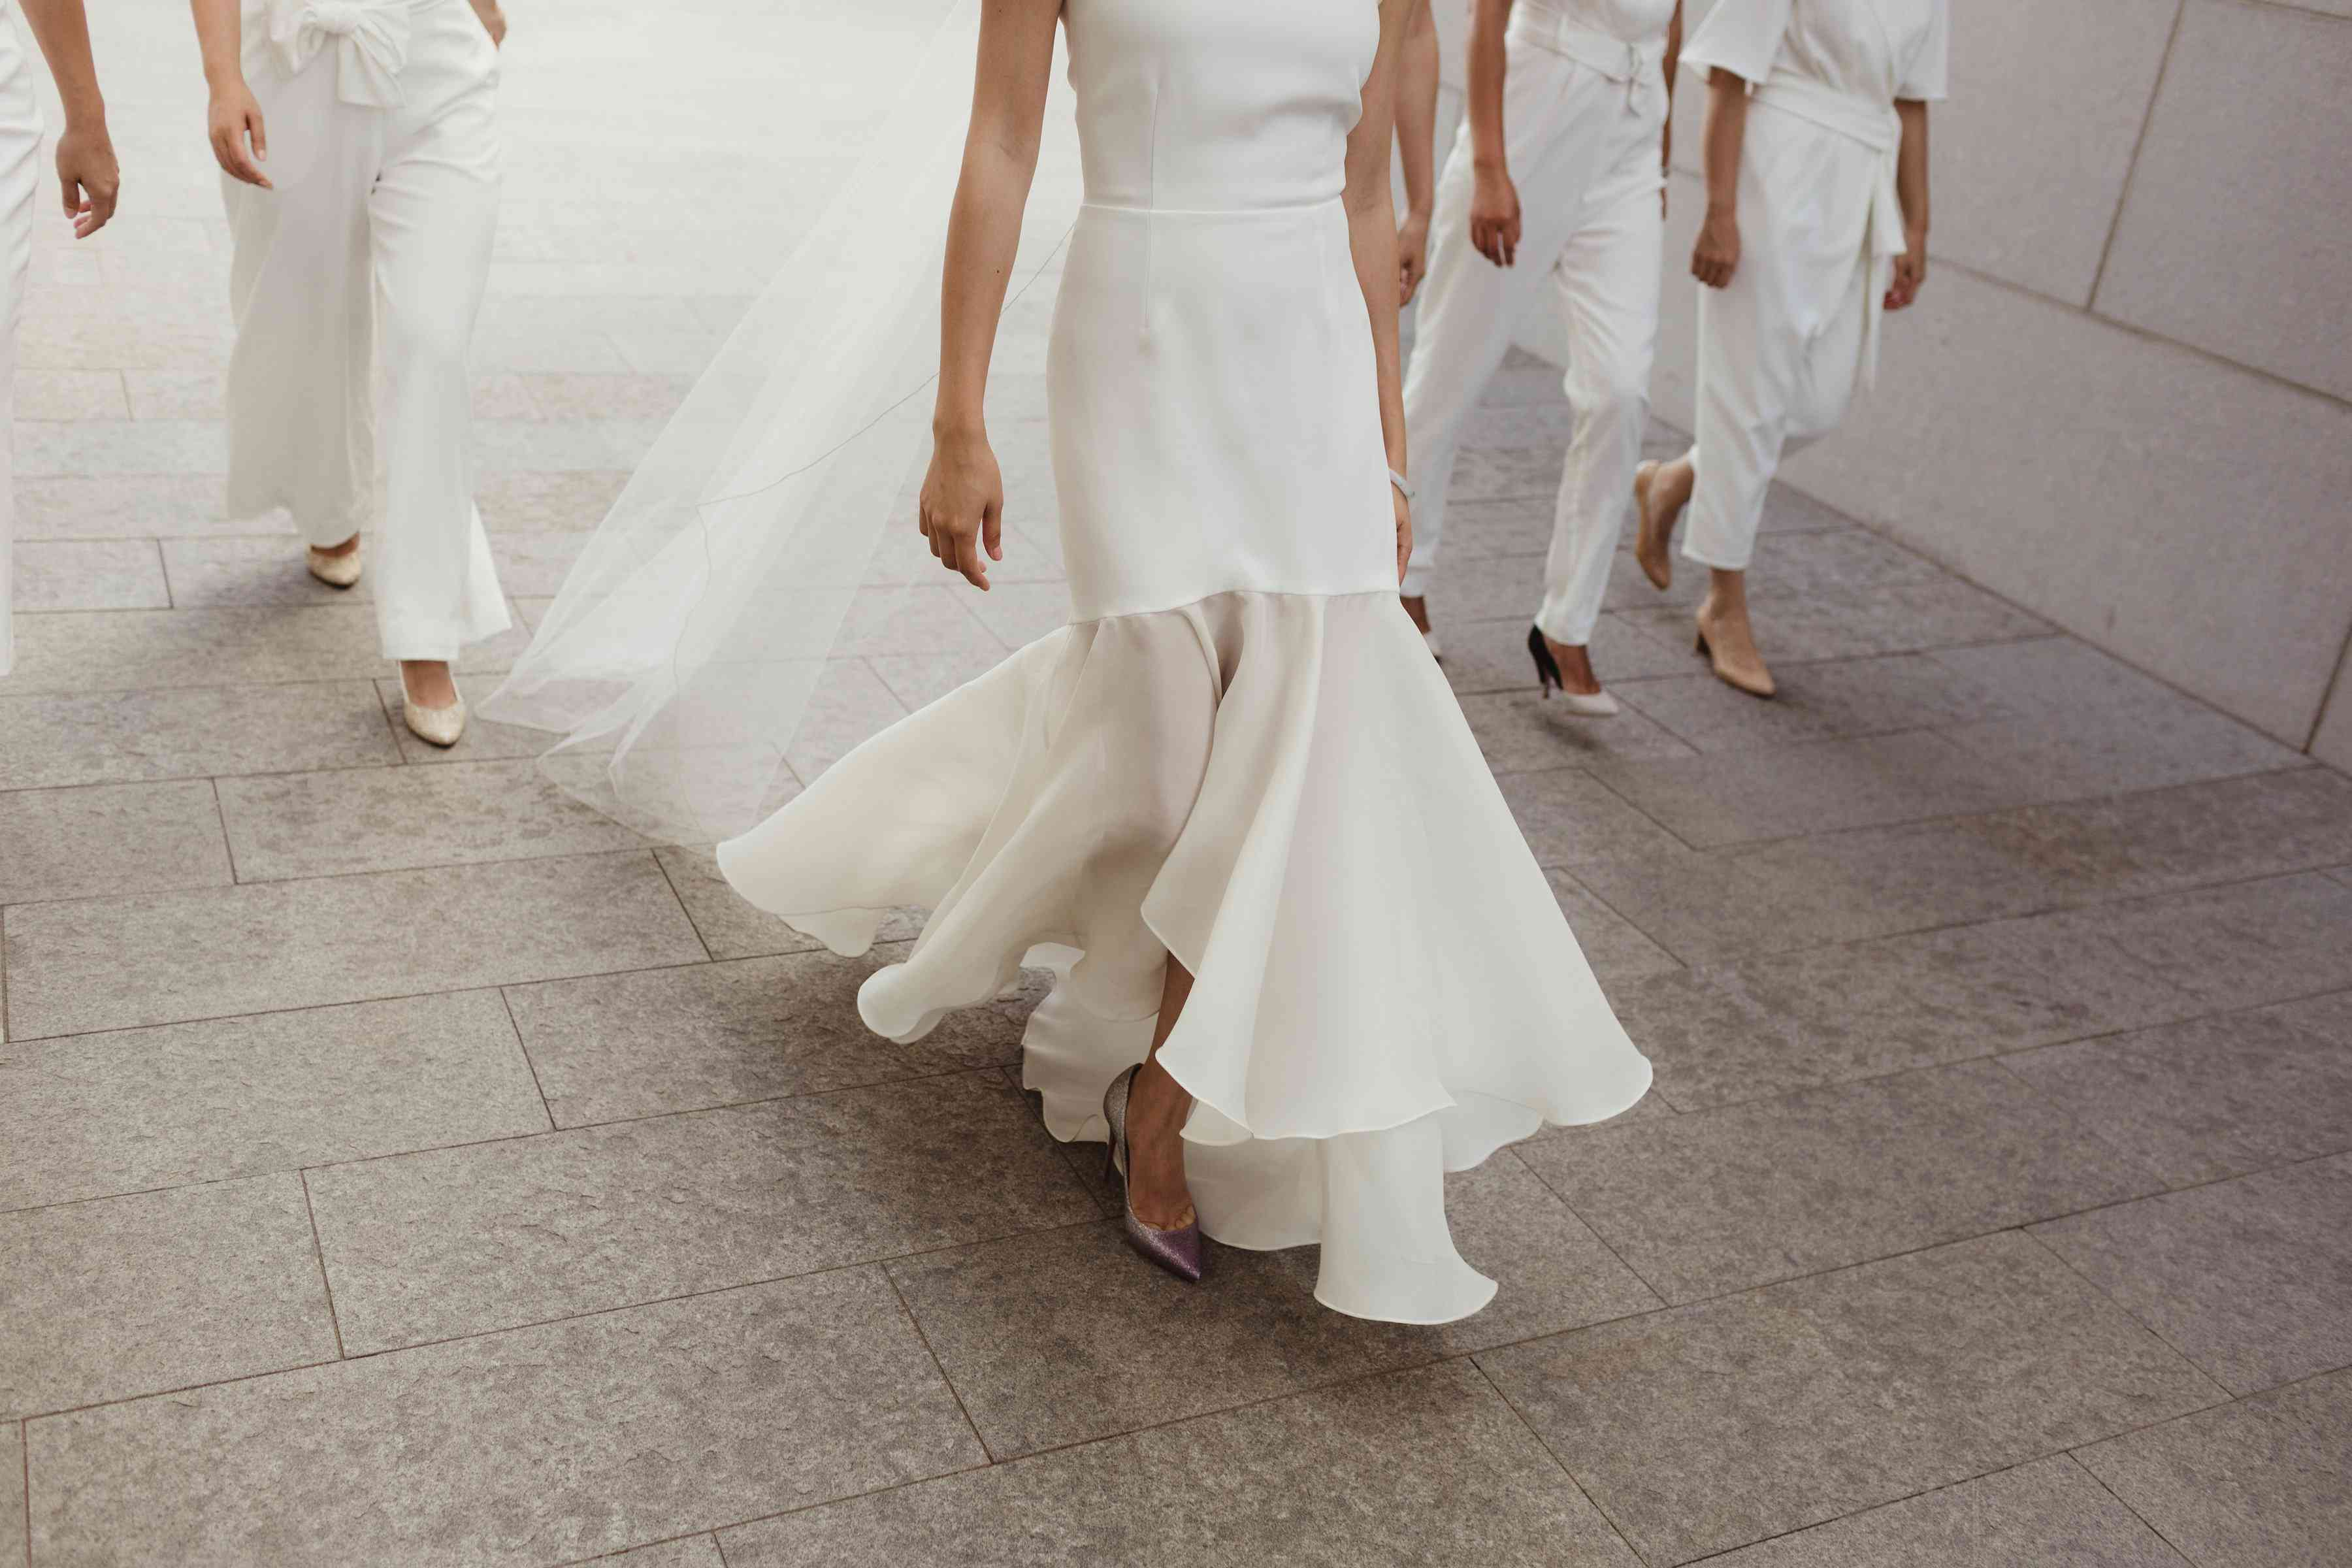 Bride walking, shot of bottom half of gown